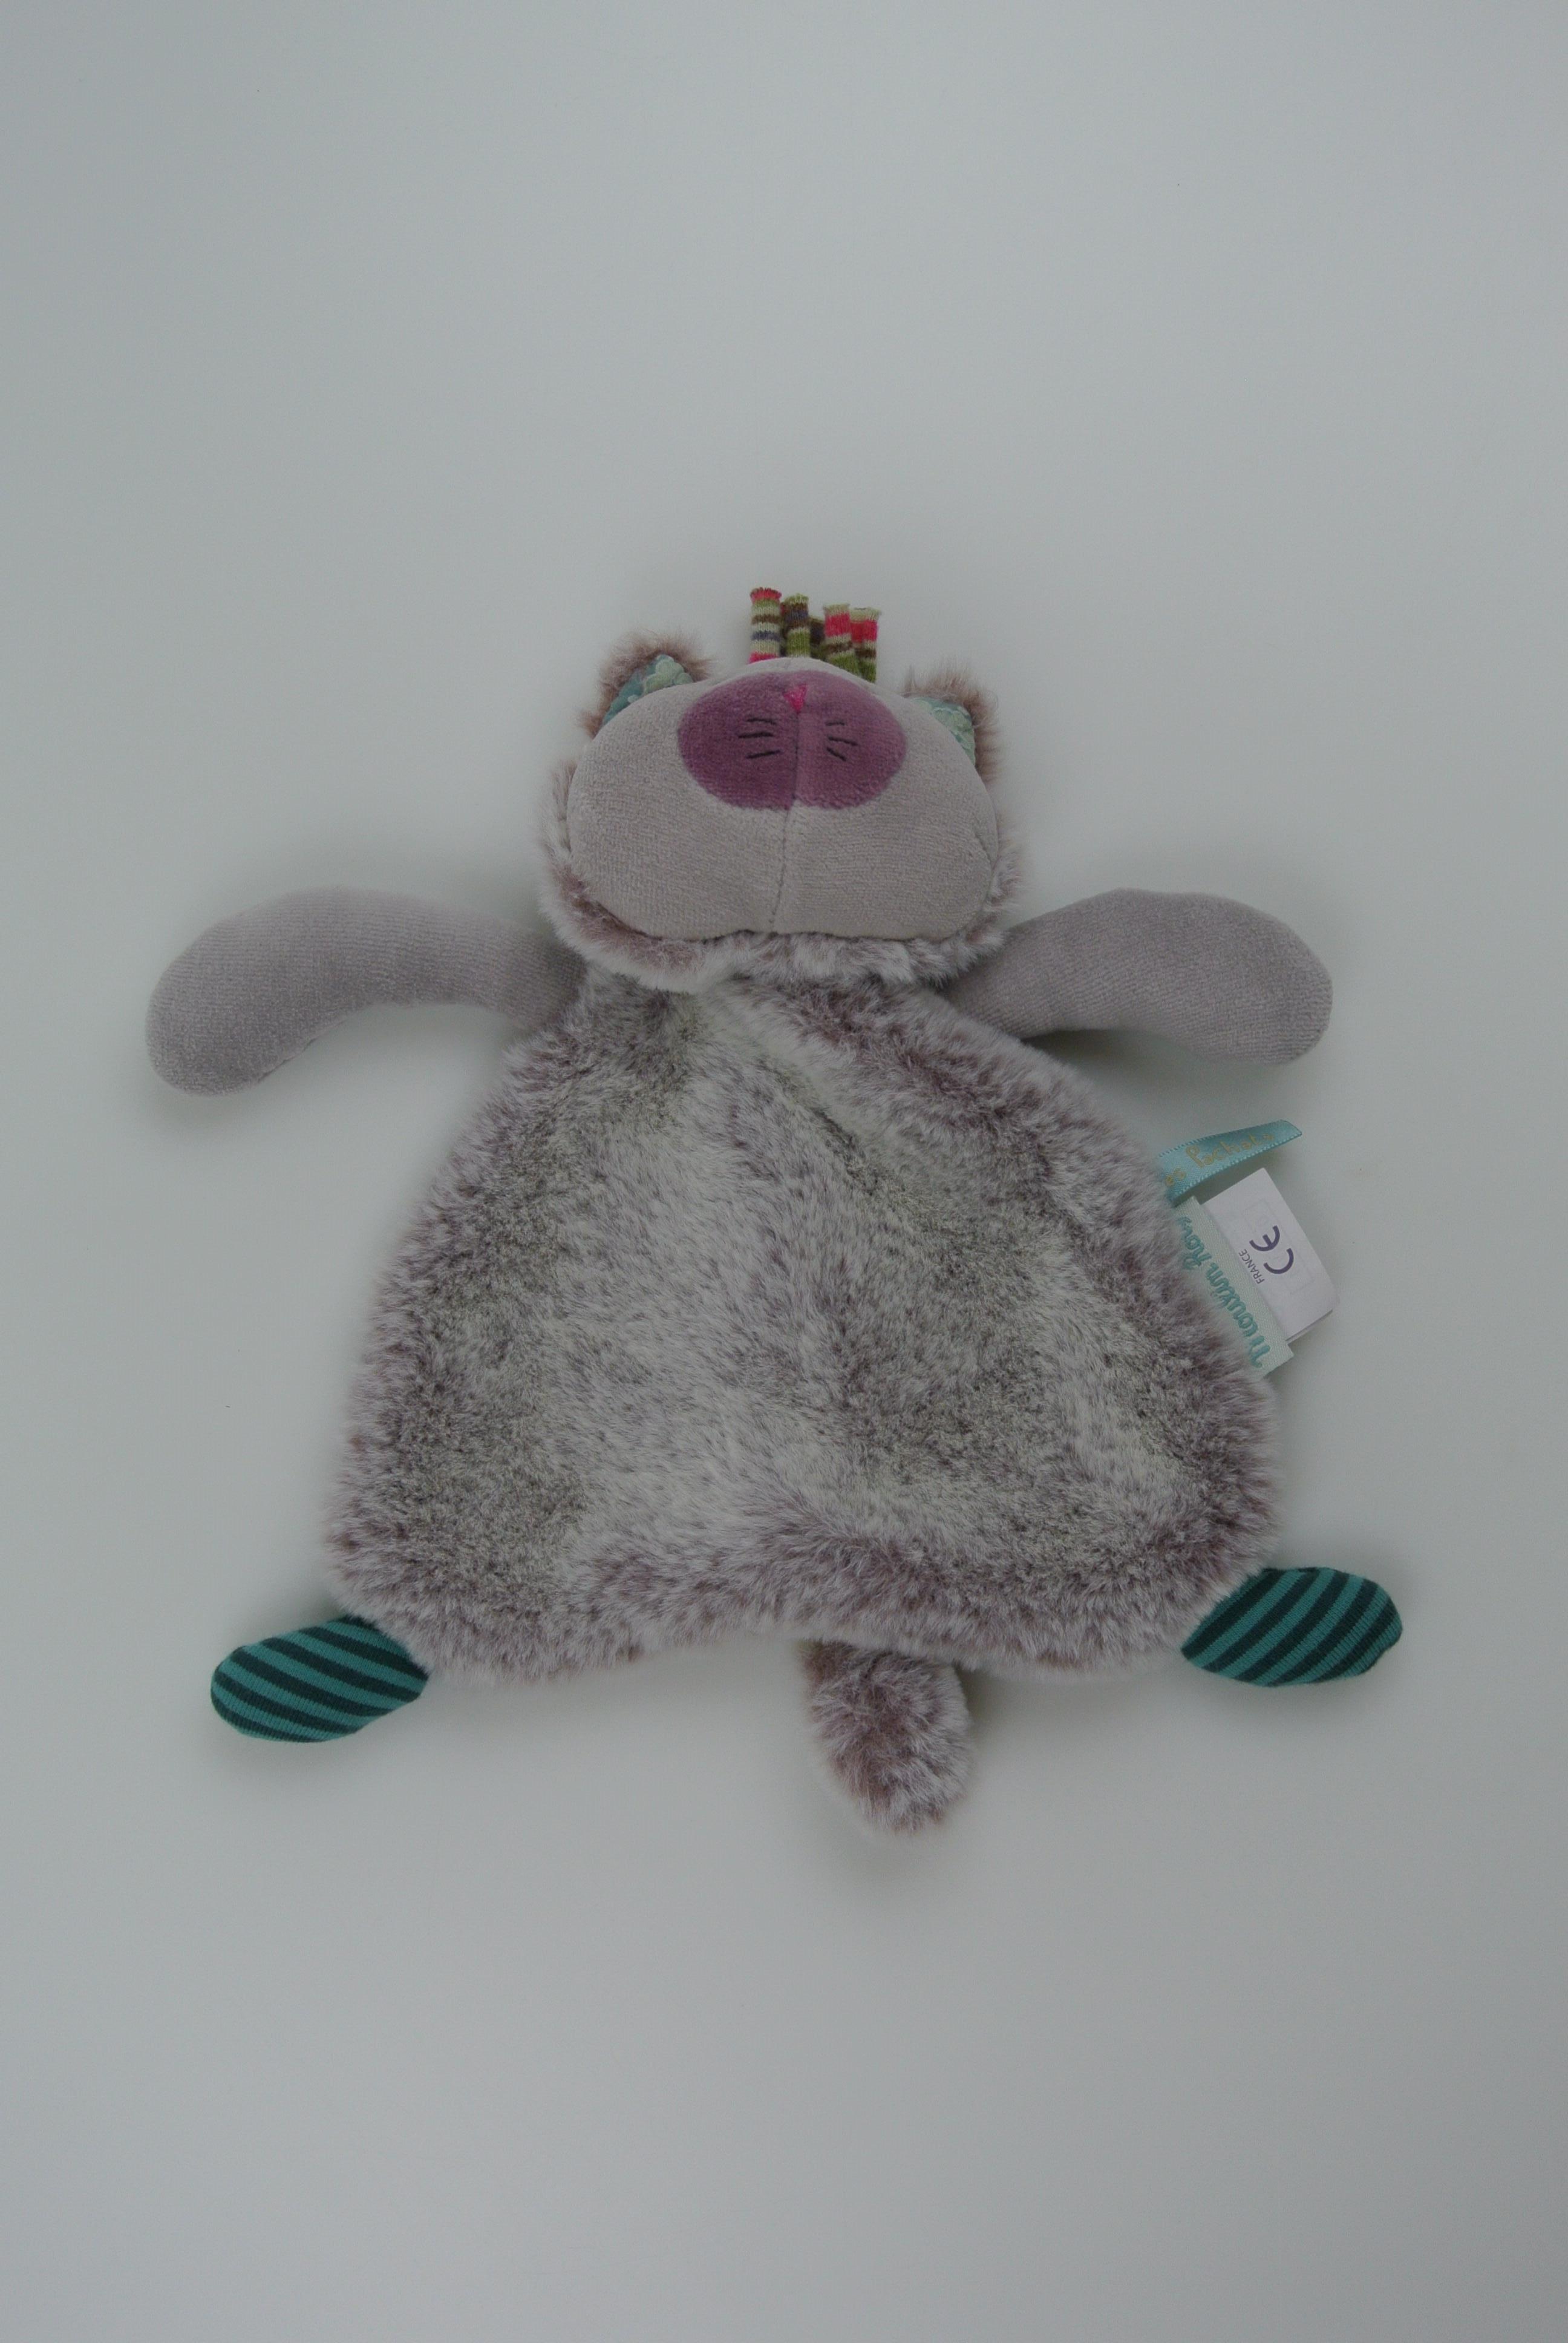 Moulin roty nusseklud legetøj